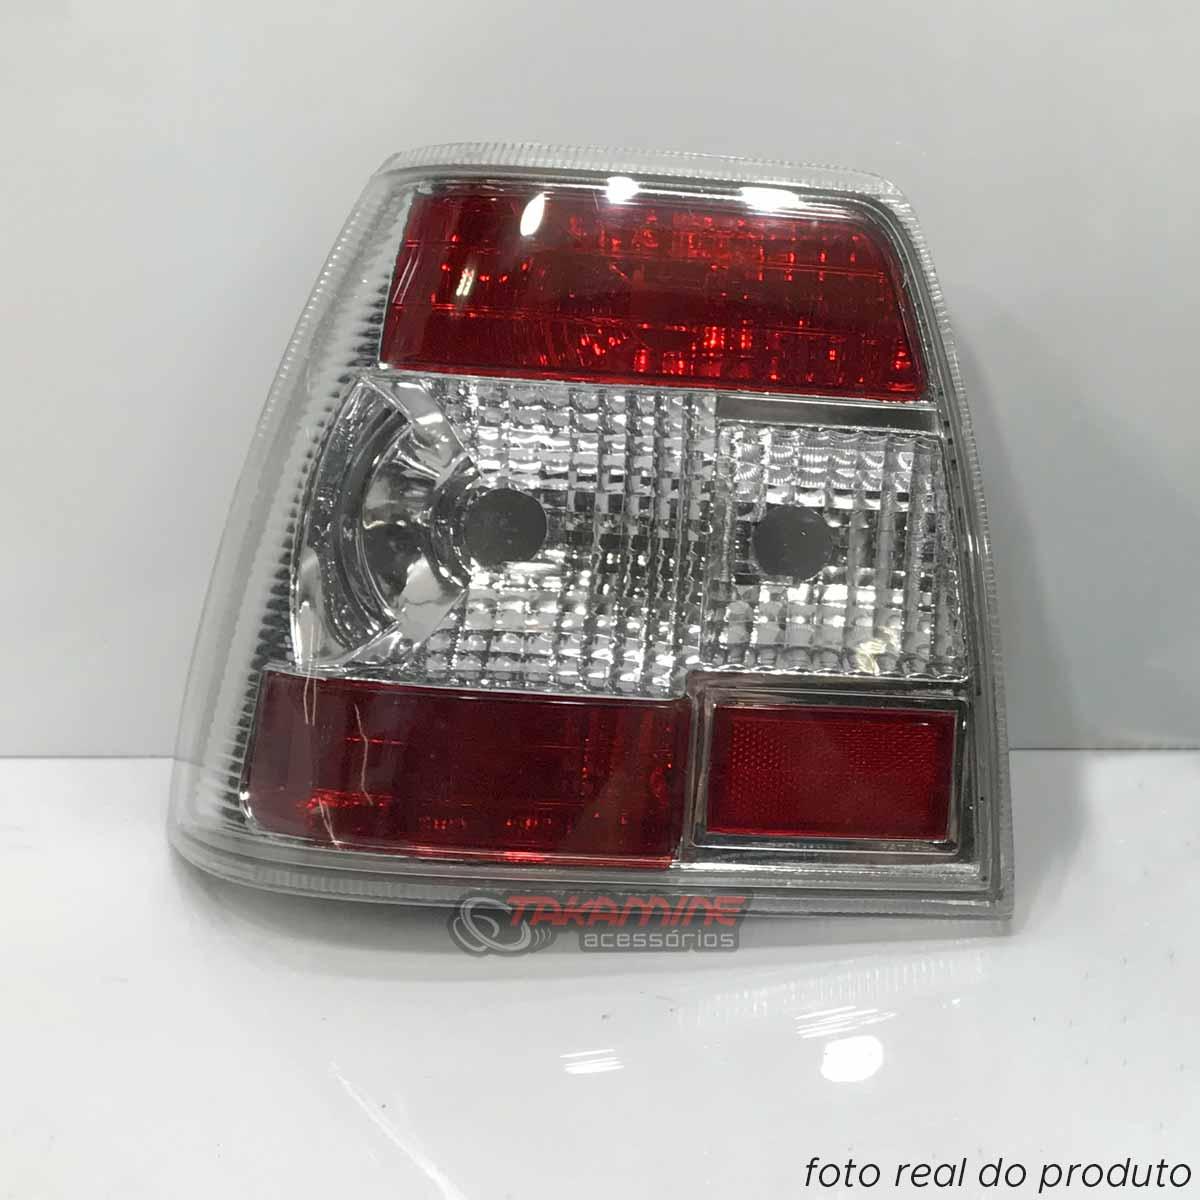 Lanterna traseira Monza Chevrolet 1991 1992 1993 1994 1995 1996 cristal lado esquerdo